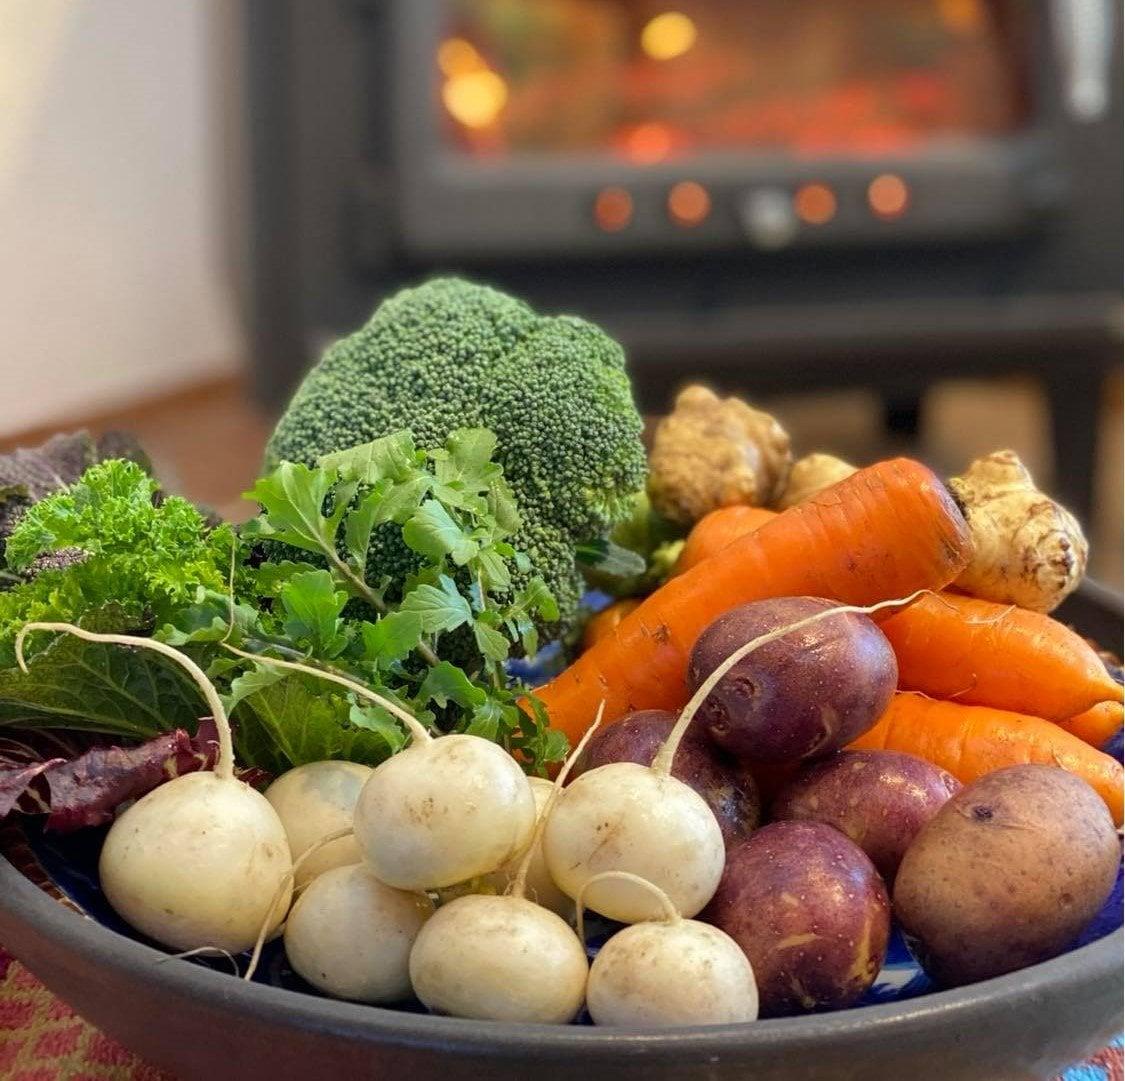 【事前予約者限定】『自然栽培の野菜を味わう試食会』 〜いただきます!大地の恵みと優しい食卓〜のイメージその1